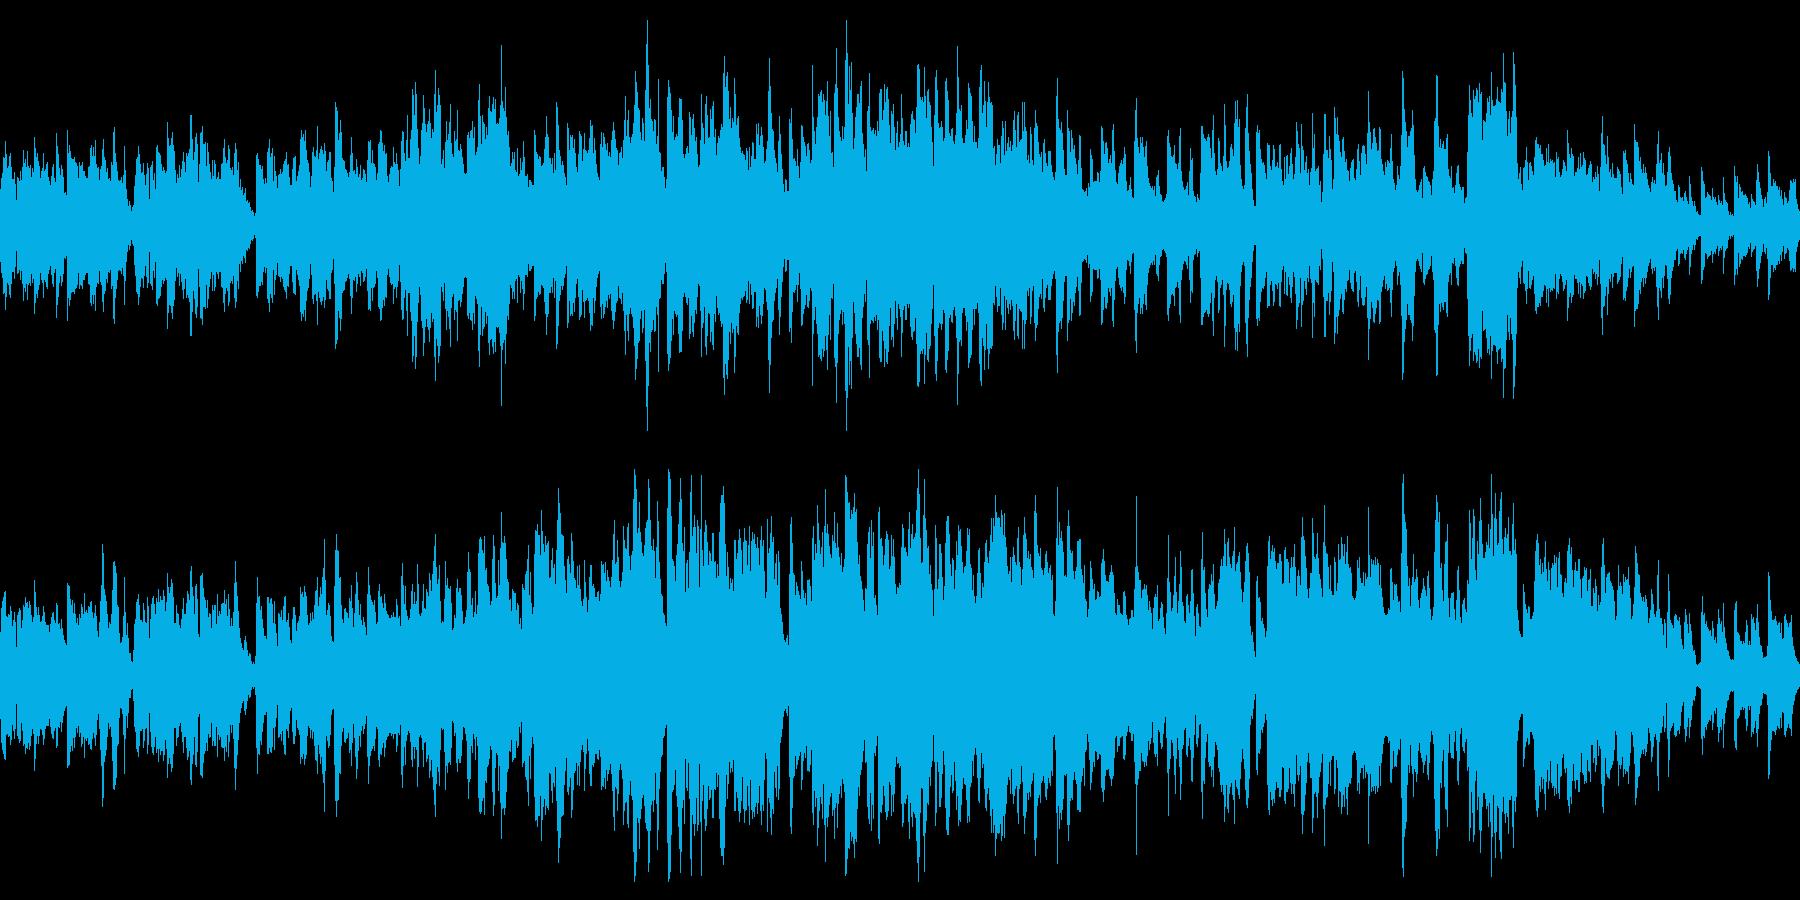 ヨーロピアン、哀愁のあるワルツの再生済みの波形